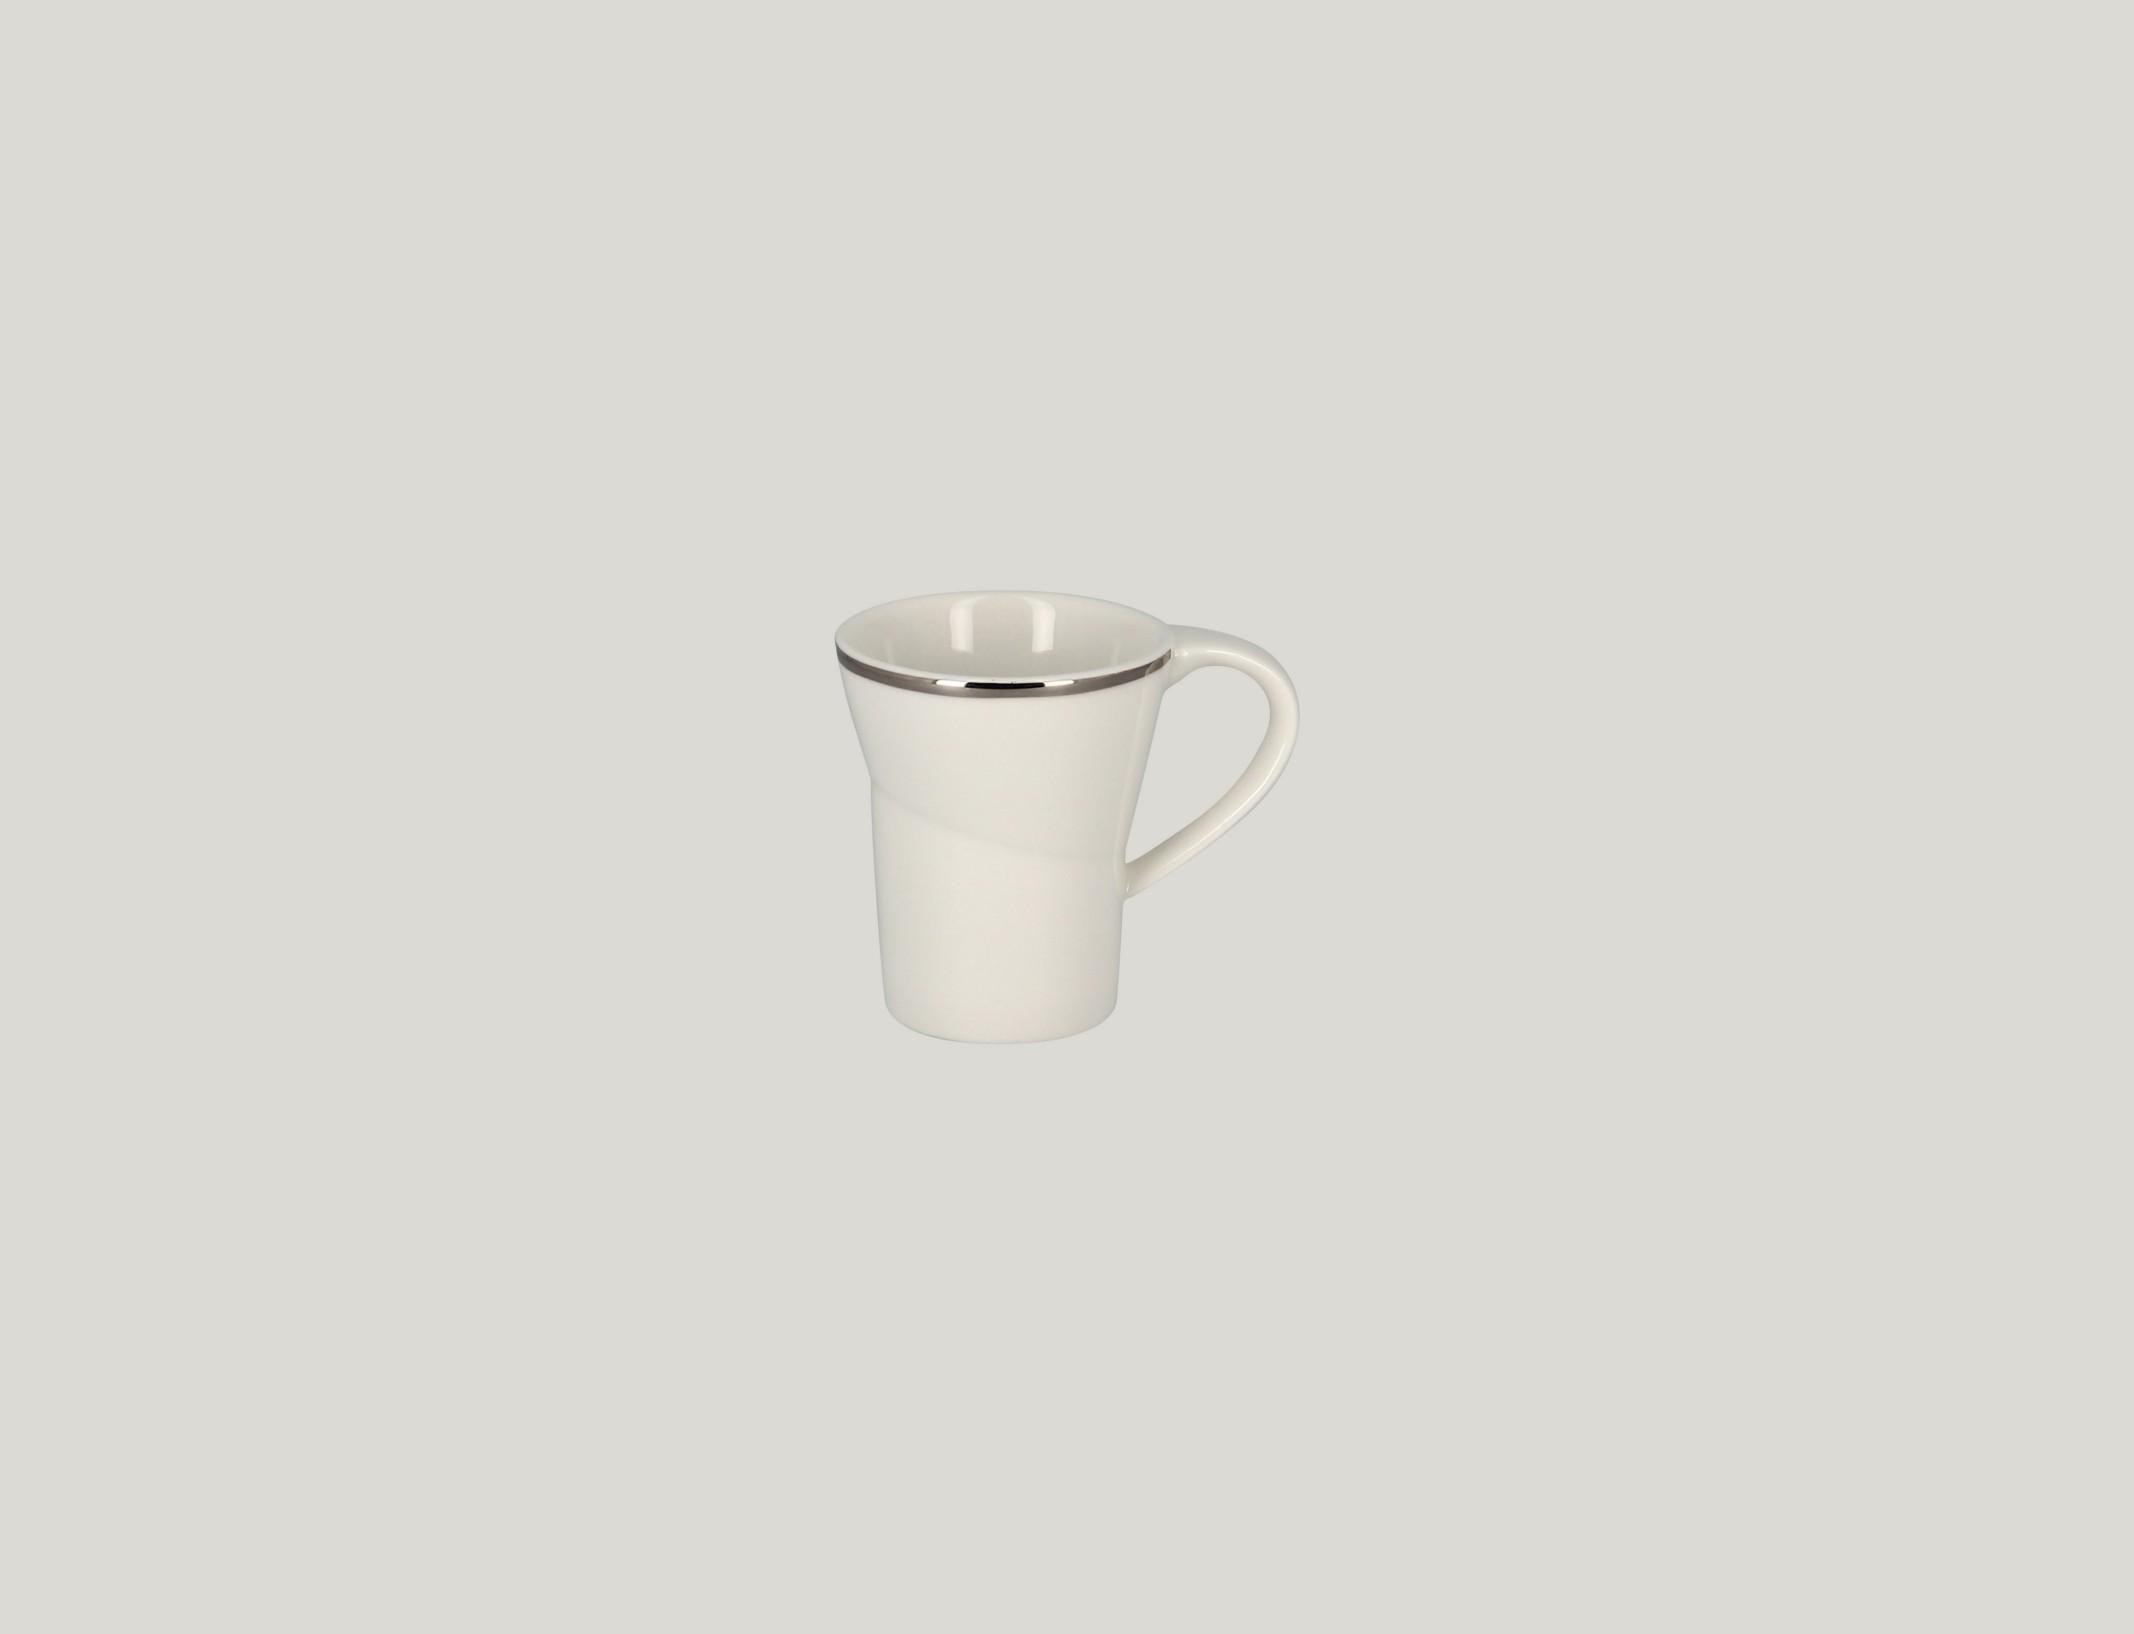 Šálek na espresso - S PLATINOVOU LINII PLATINUM